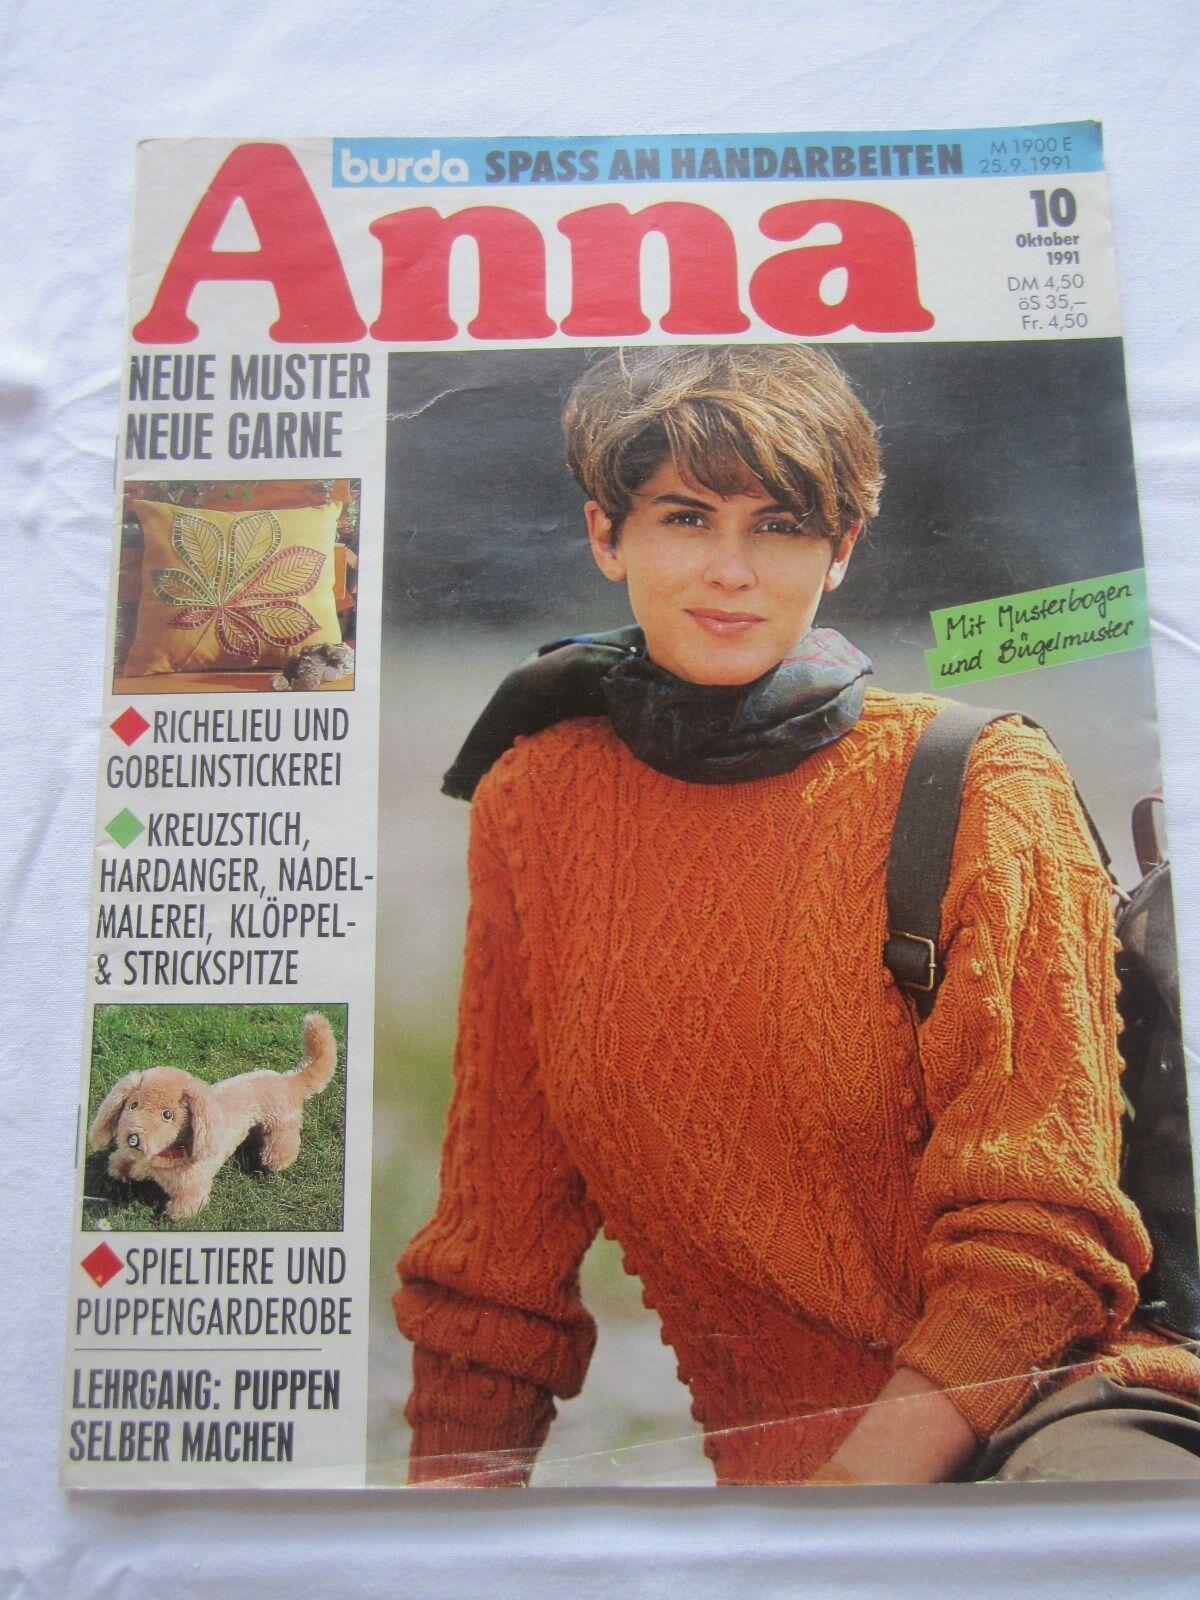 Anna Spass mit Handarbeiten Oktober 1991